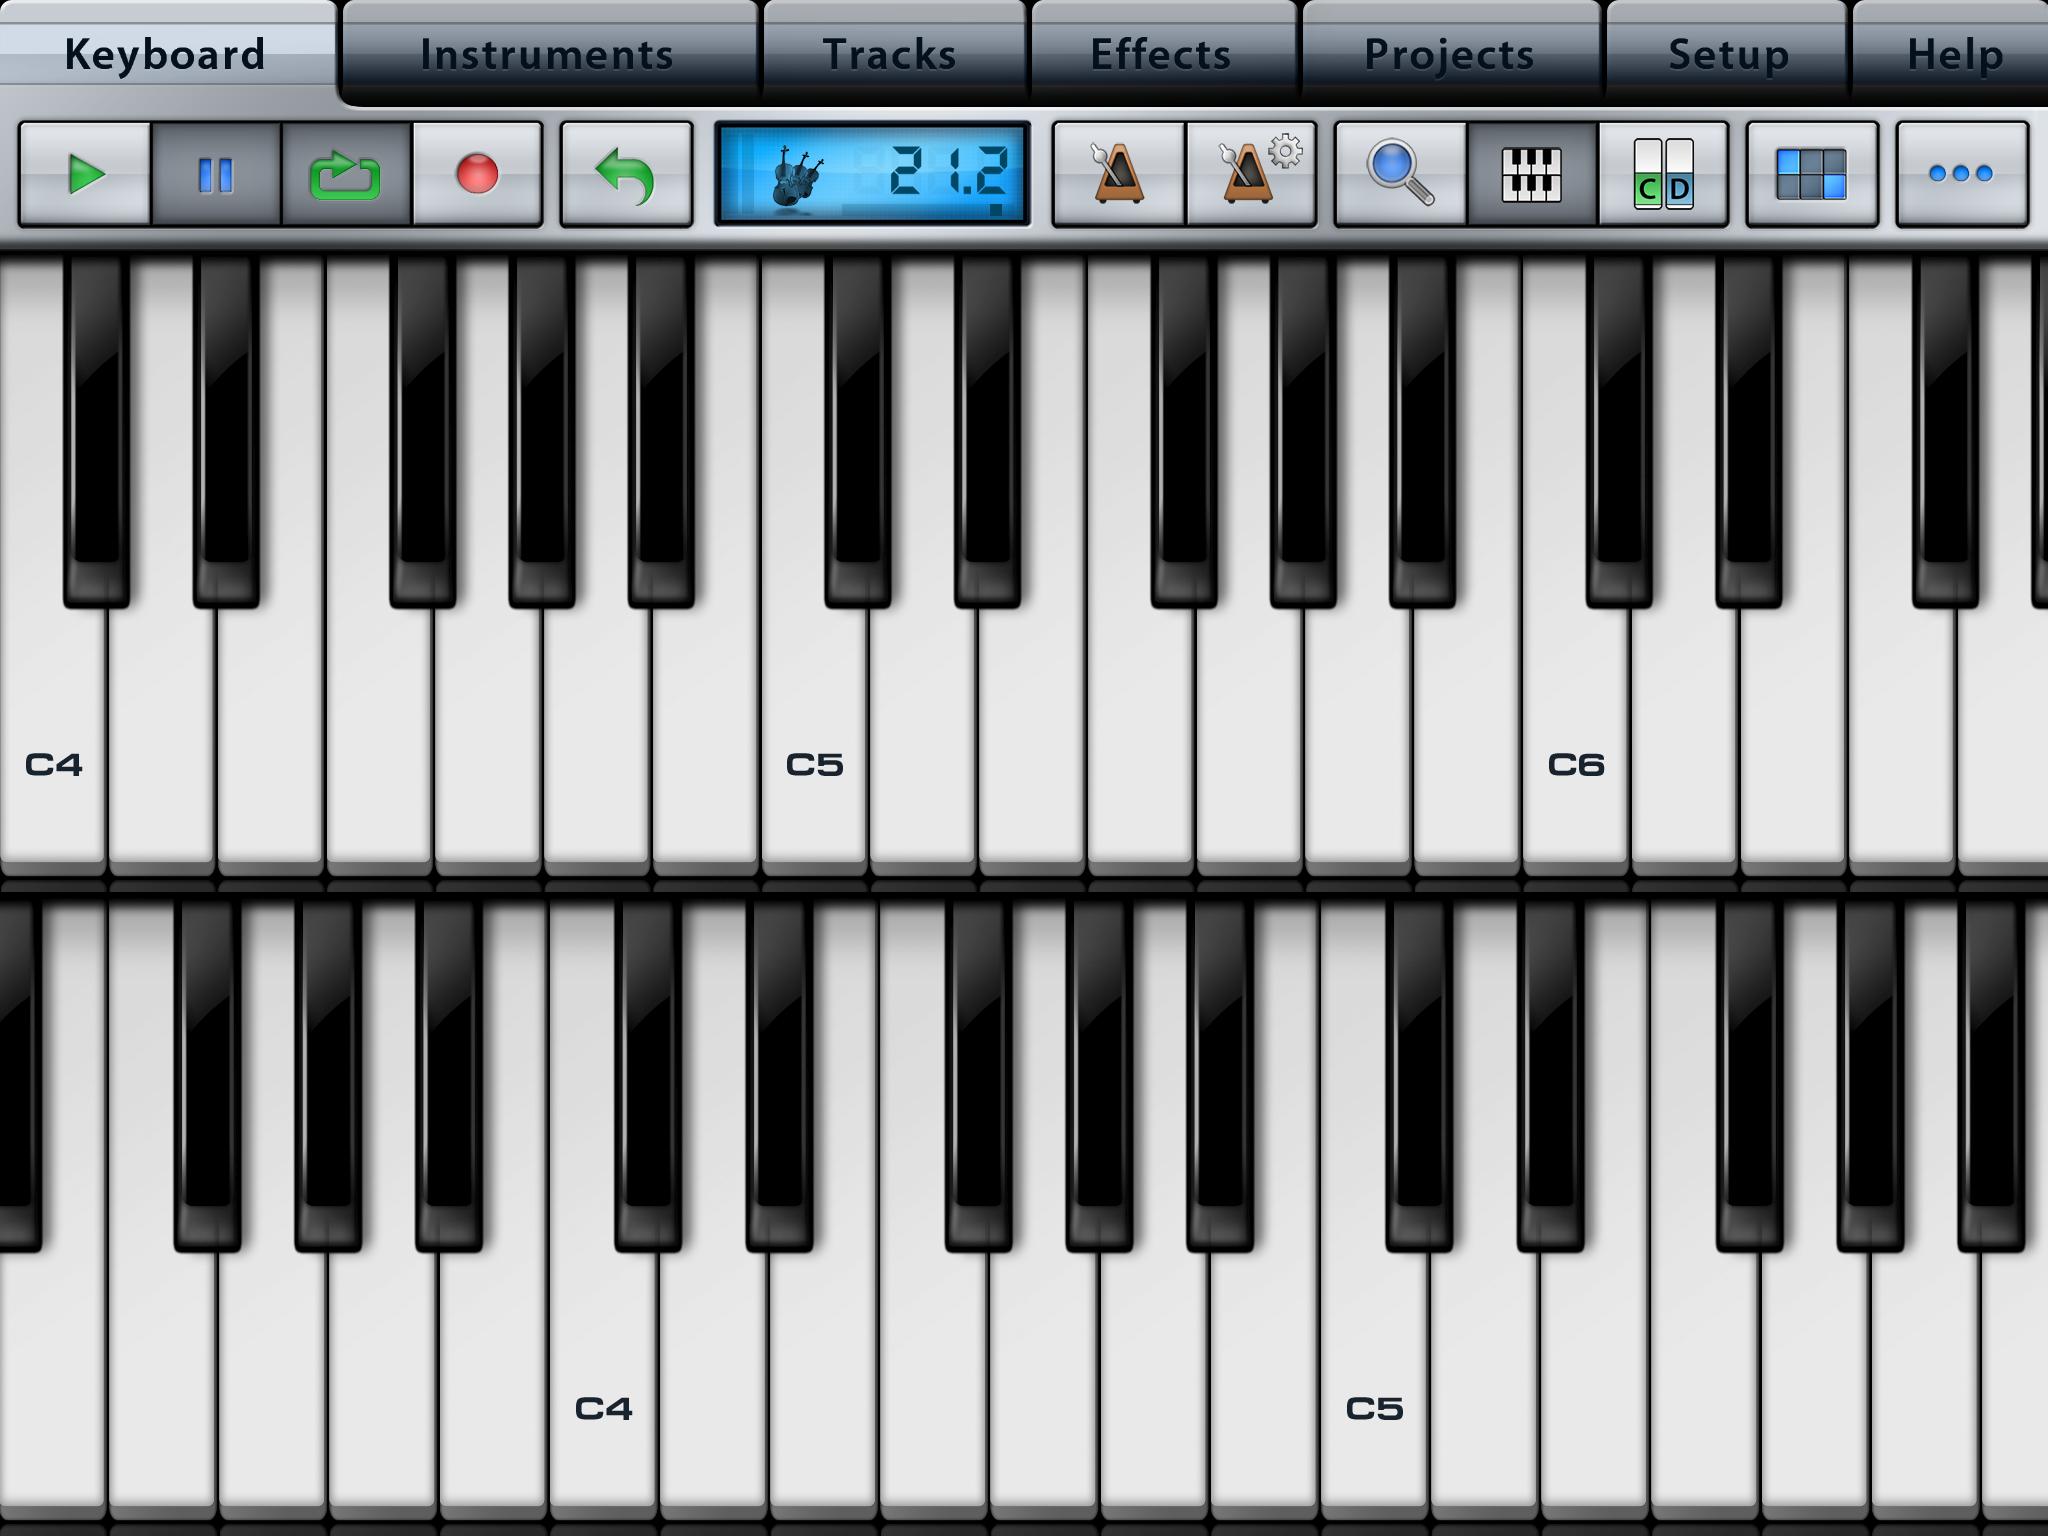 iPad miniならキーボードを2段にしても充分な大きさ